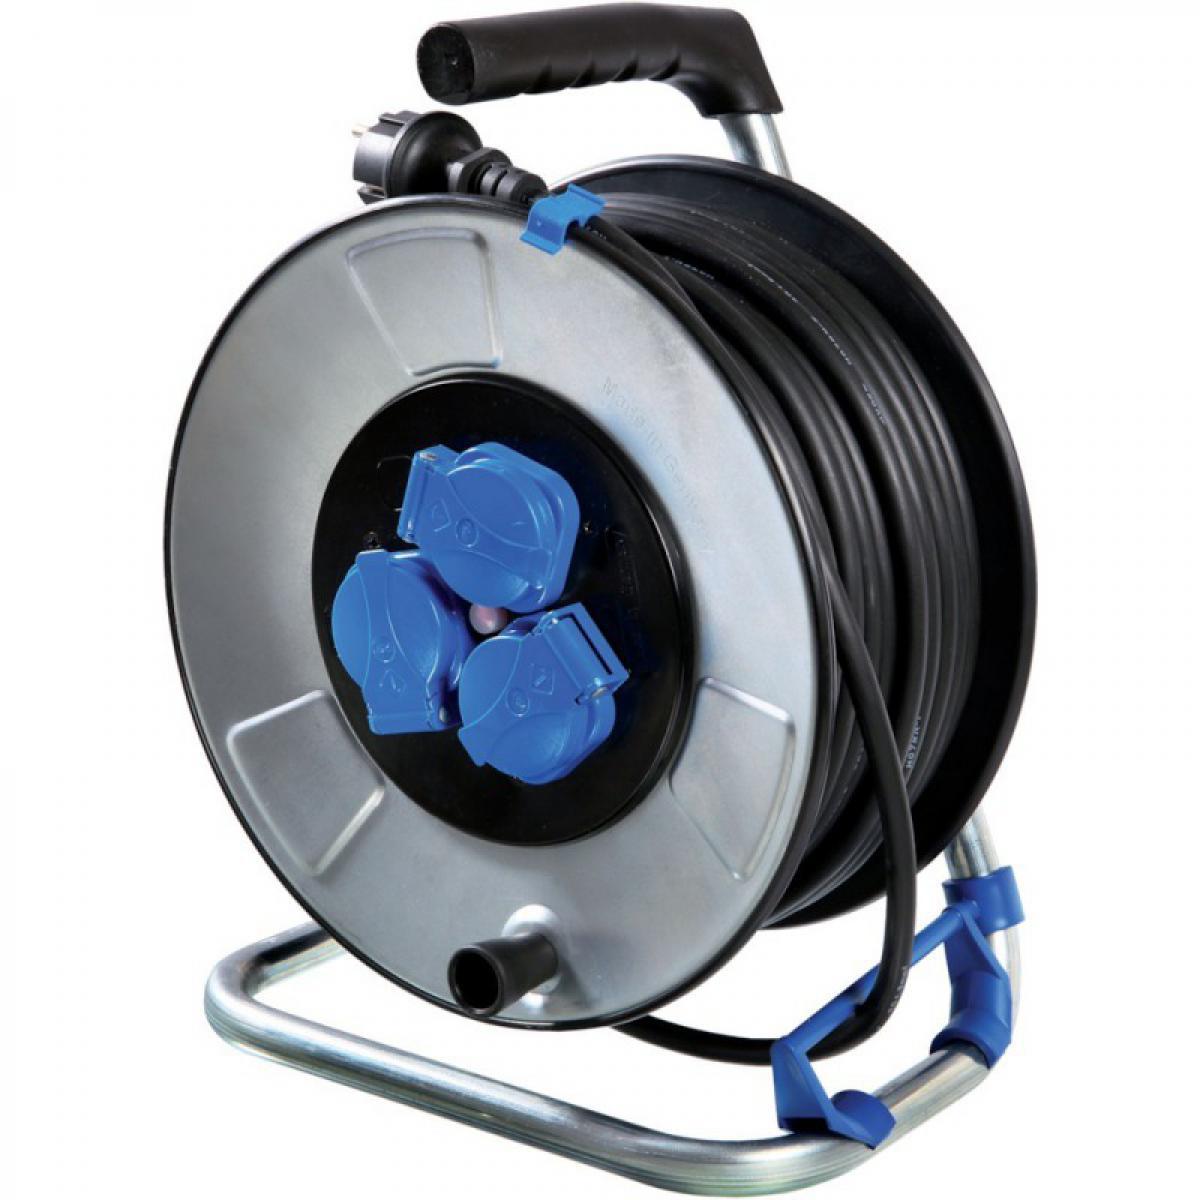 Schwabe Enrouleur de cable 50 m H07RN-F 3 G 1,5